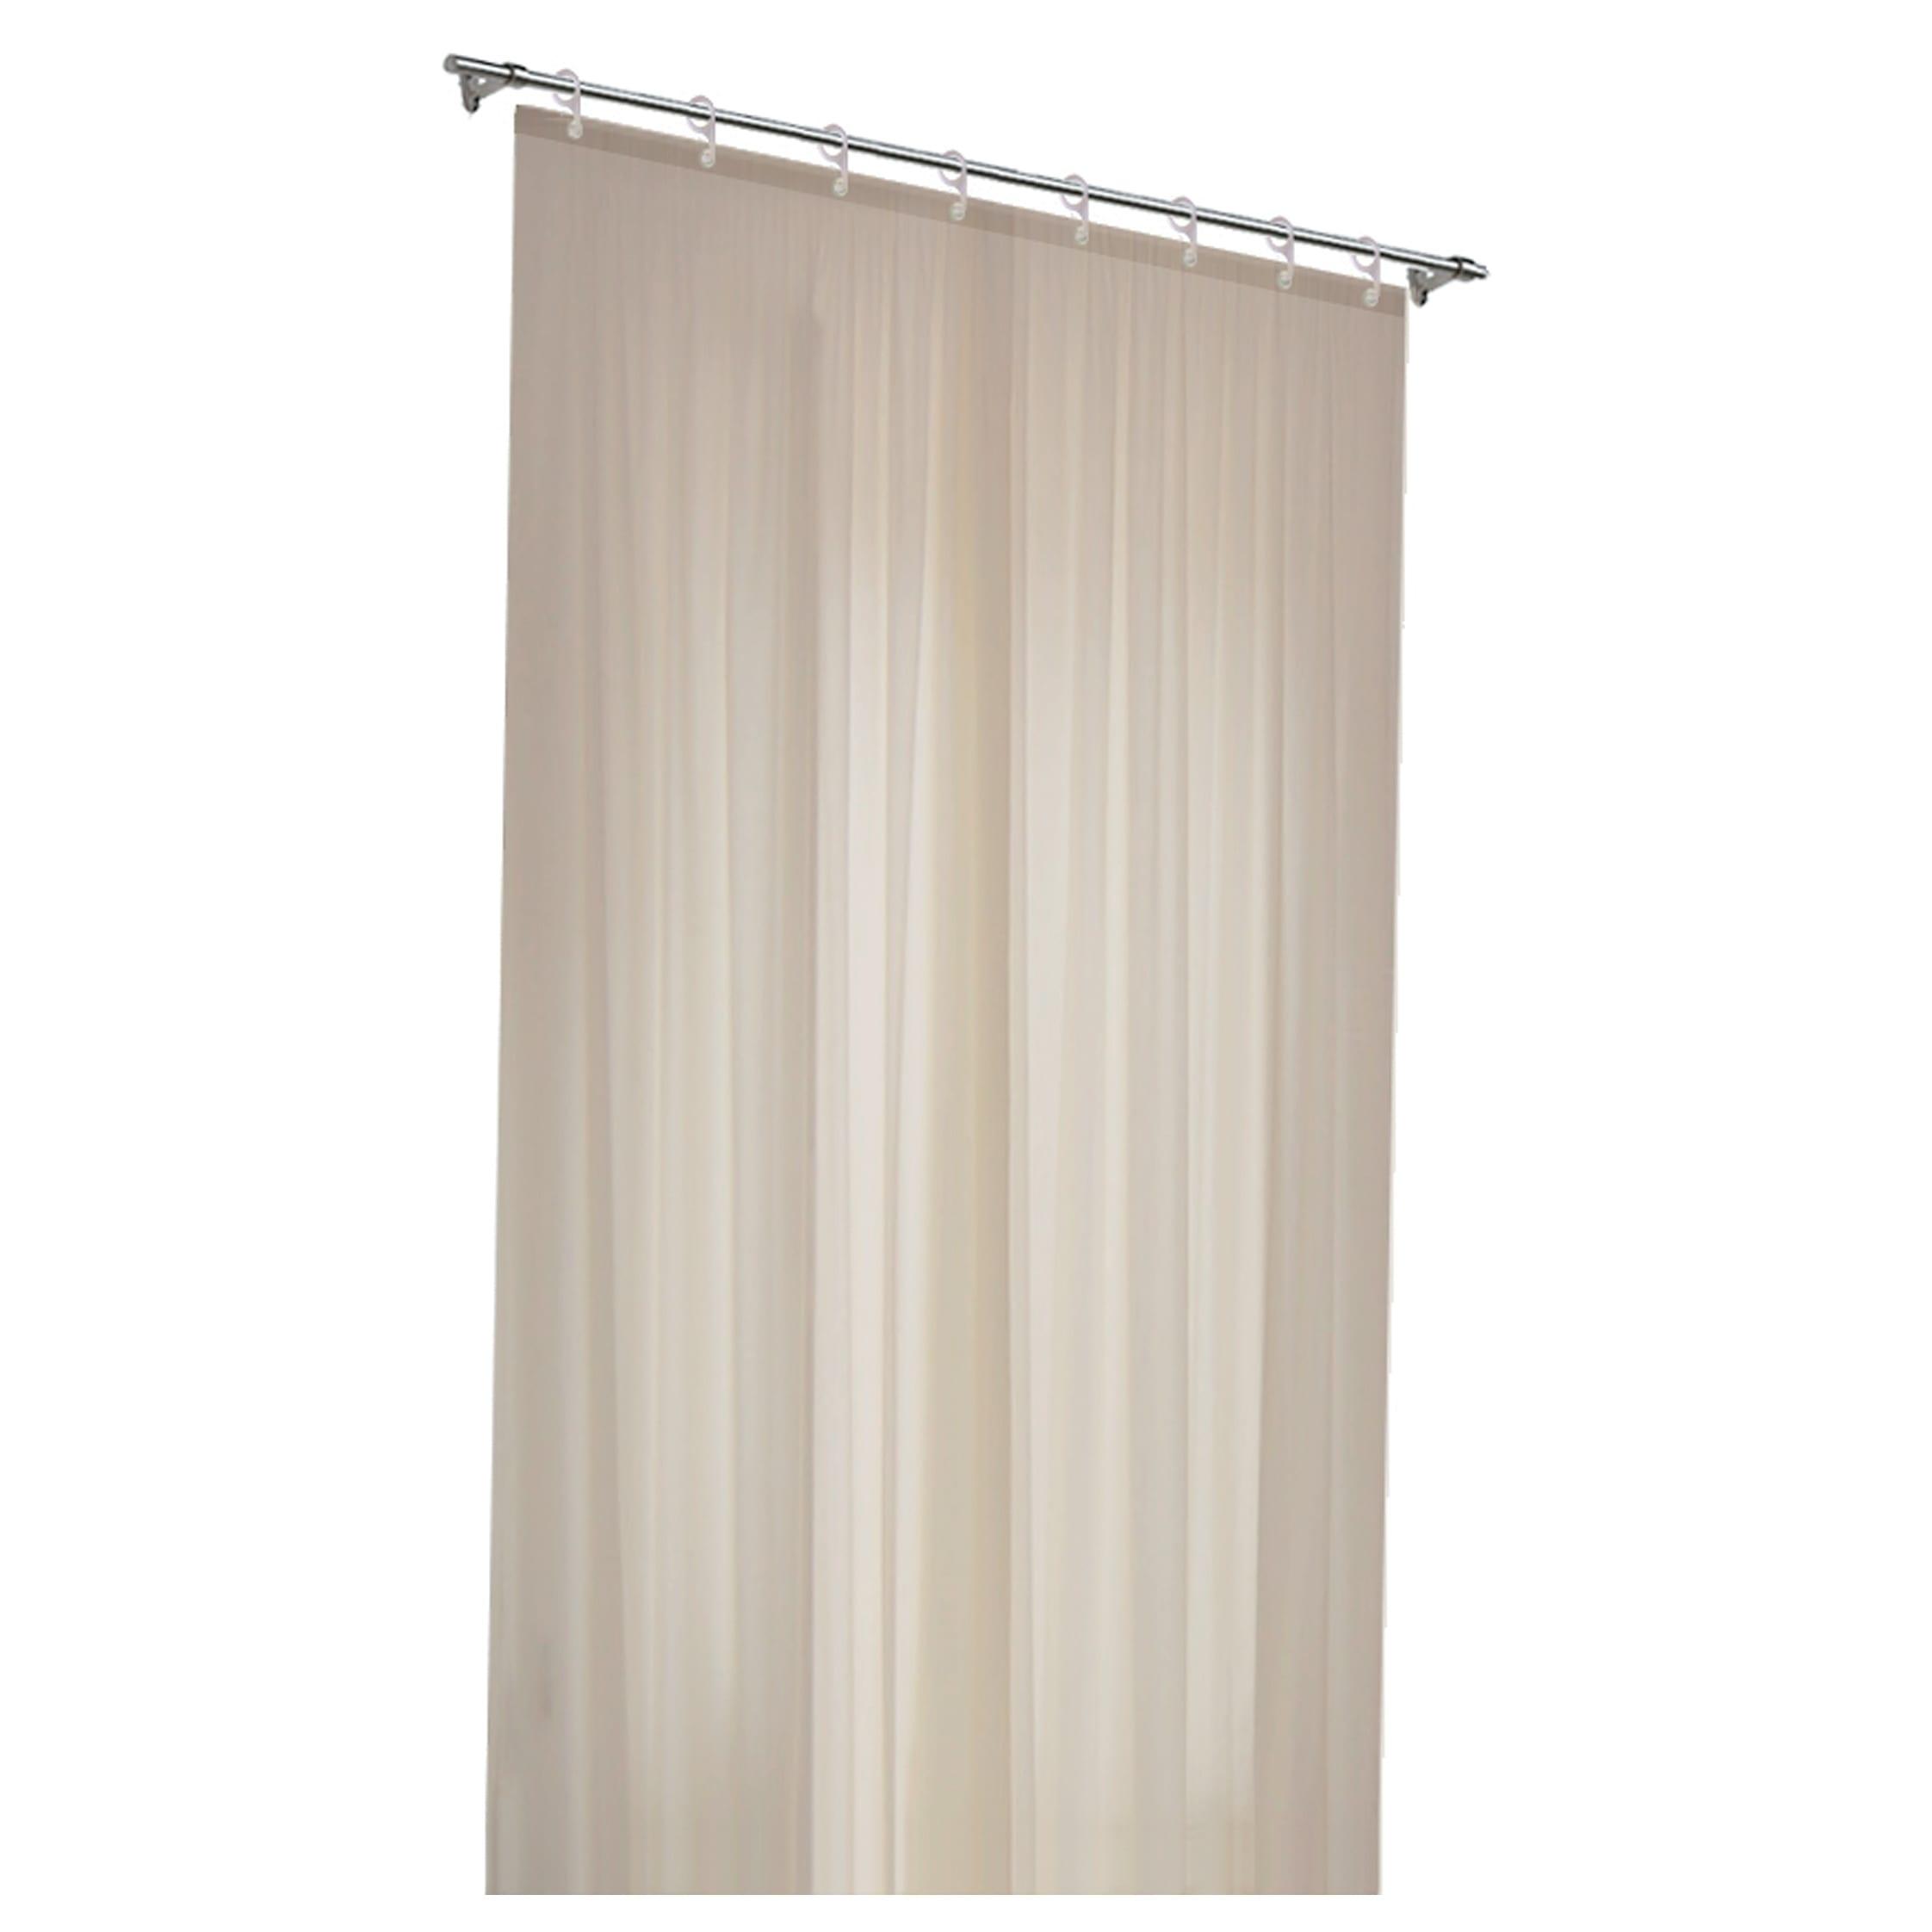 Tende Per Finestre Scale tenda zanzariera fantasy l 150 x h 250 cm beige